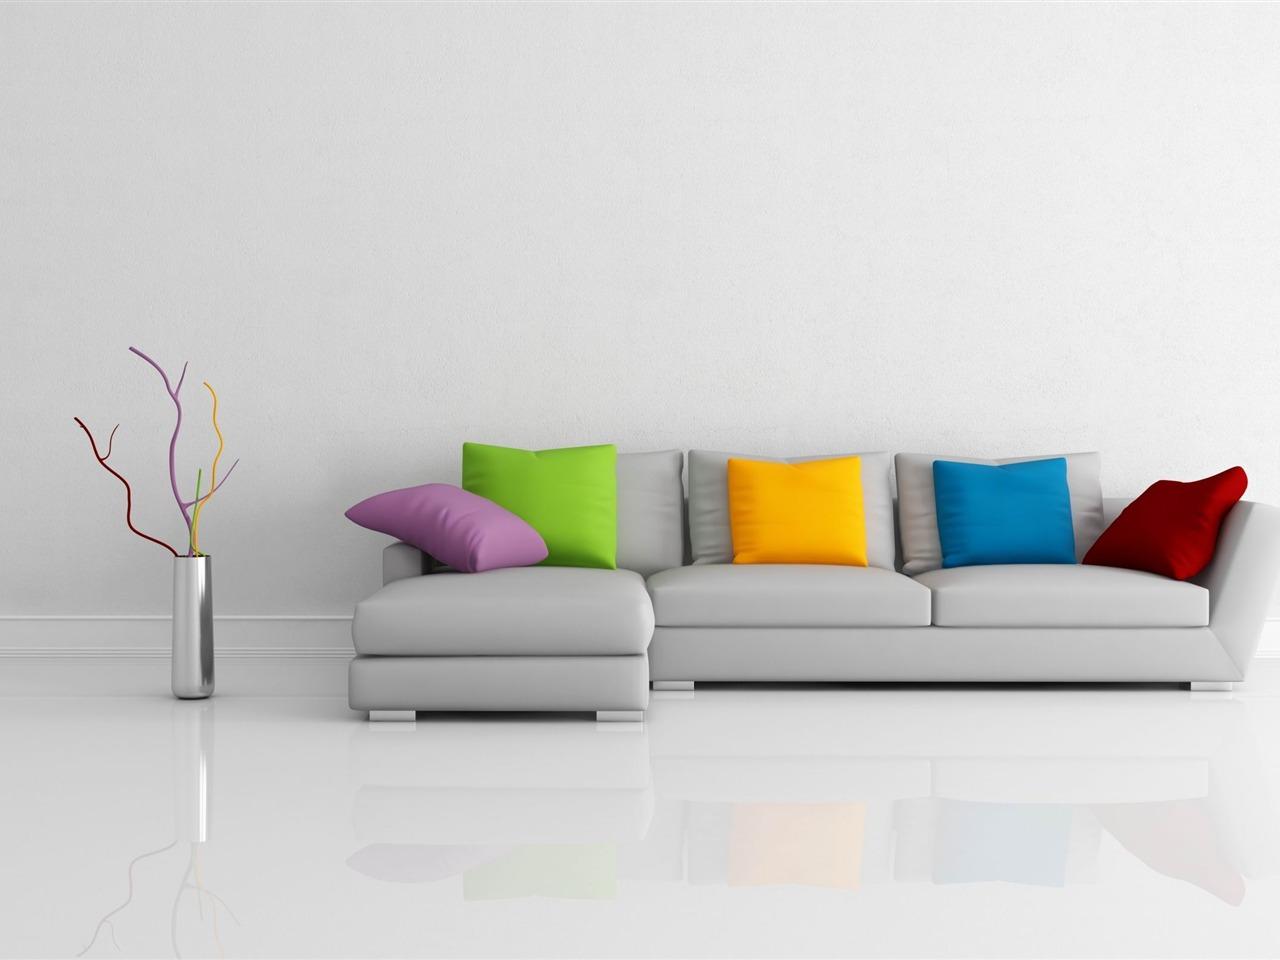 sofa pillows branch